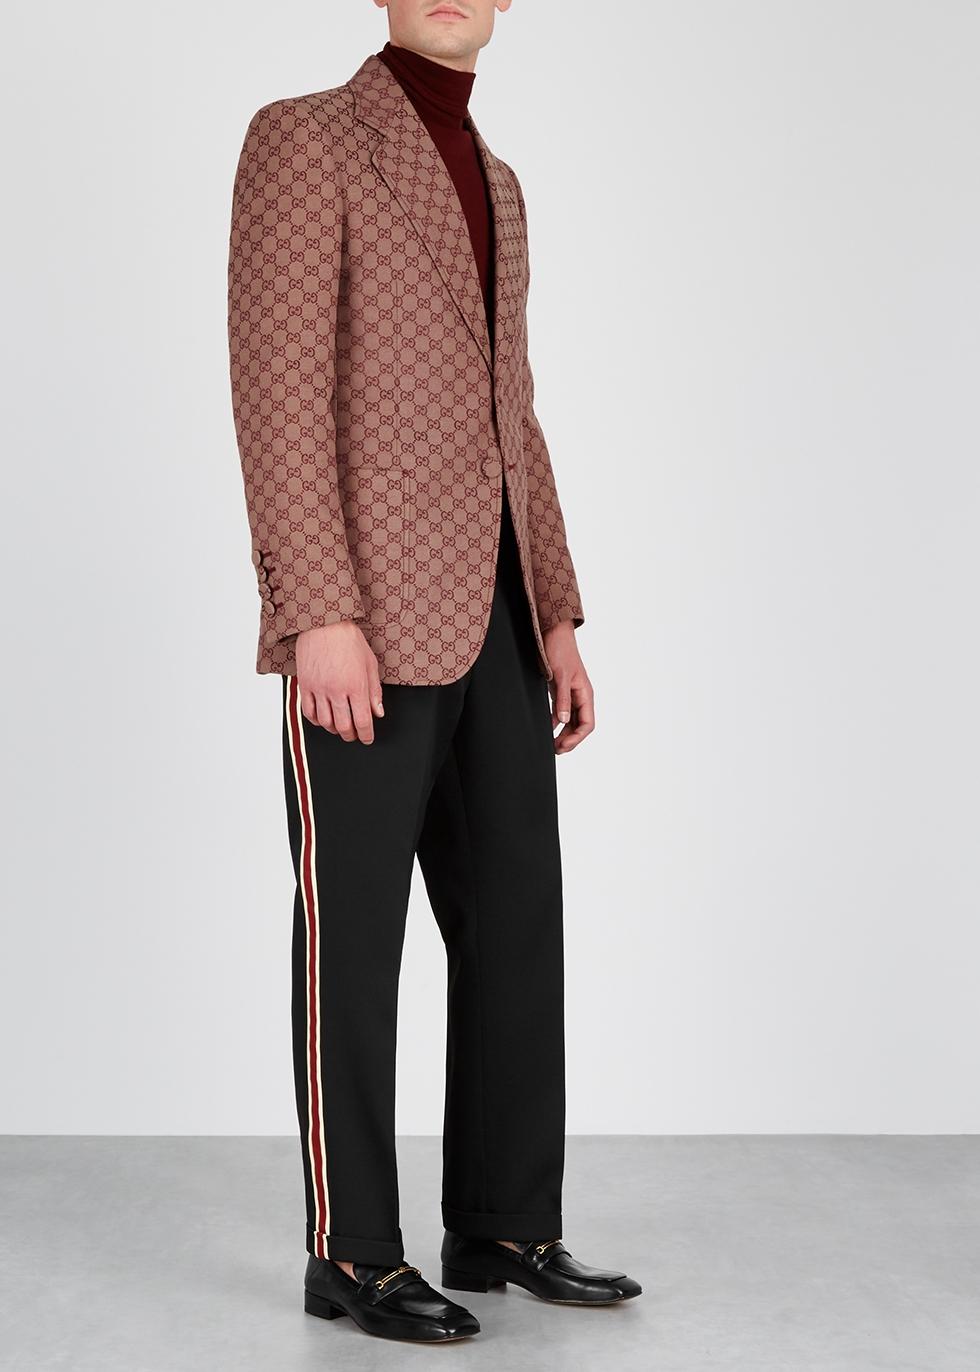 66d990bb041 Gucci - Mens - Harvey Nichols